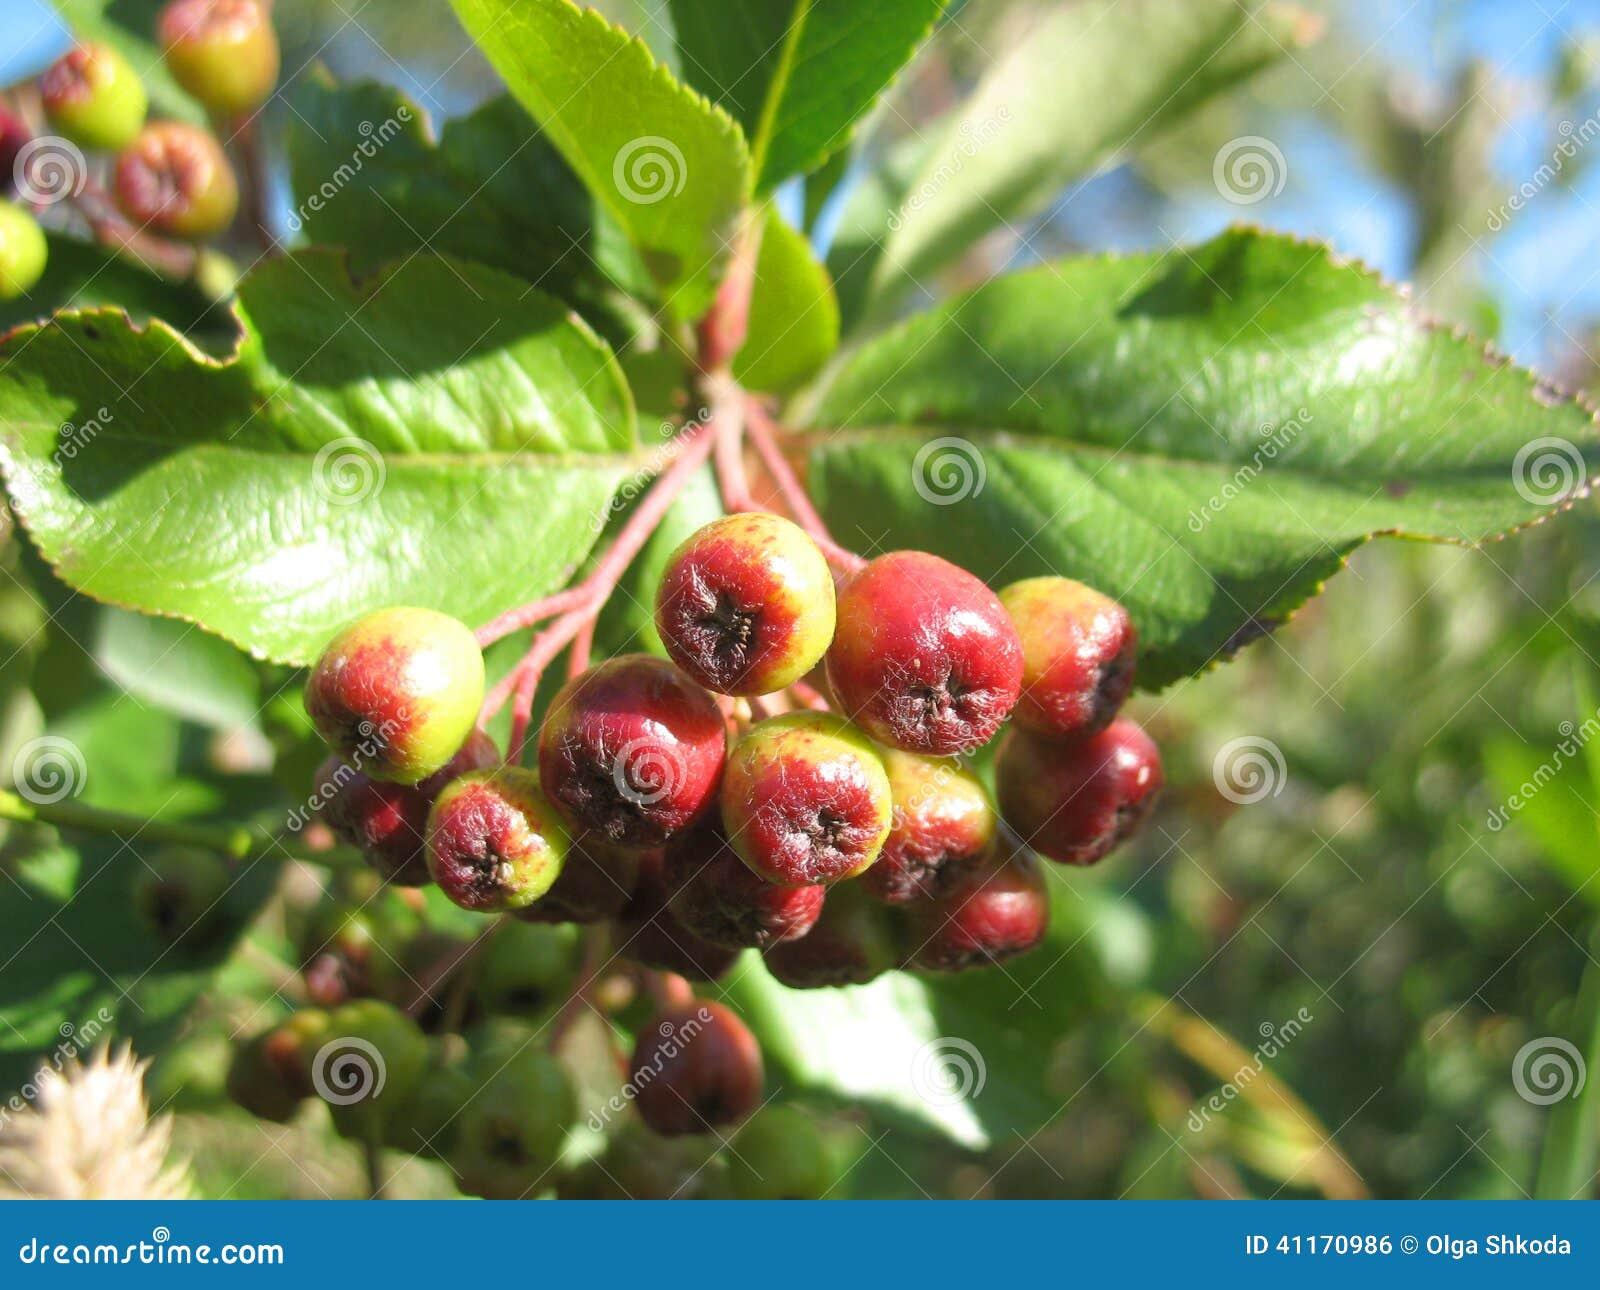 Lieblings Service-Baum Und Rote Beeren Stockfoto - Bild von service, asche &OC_51